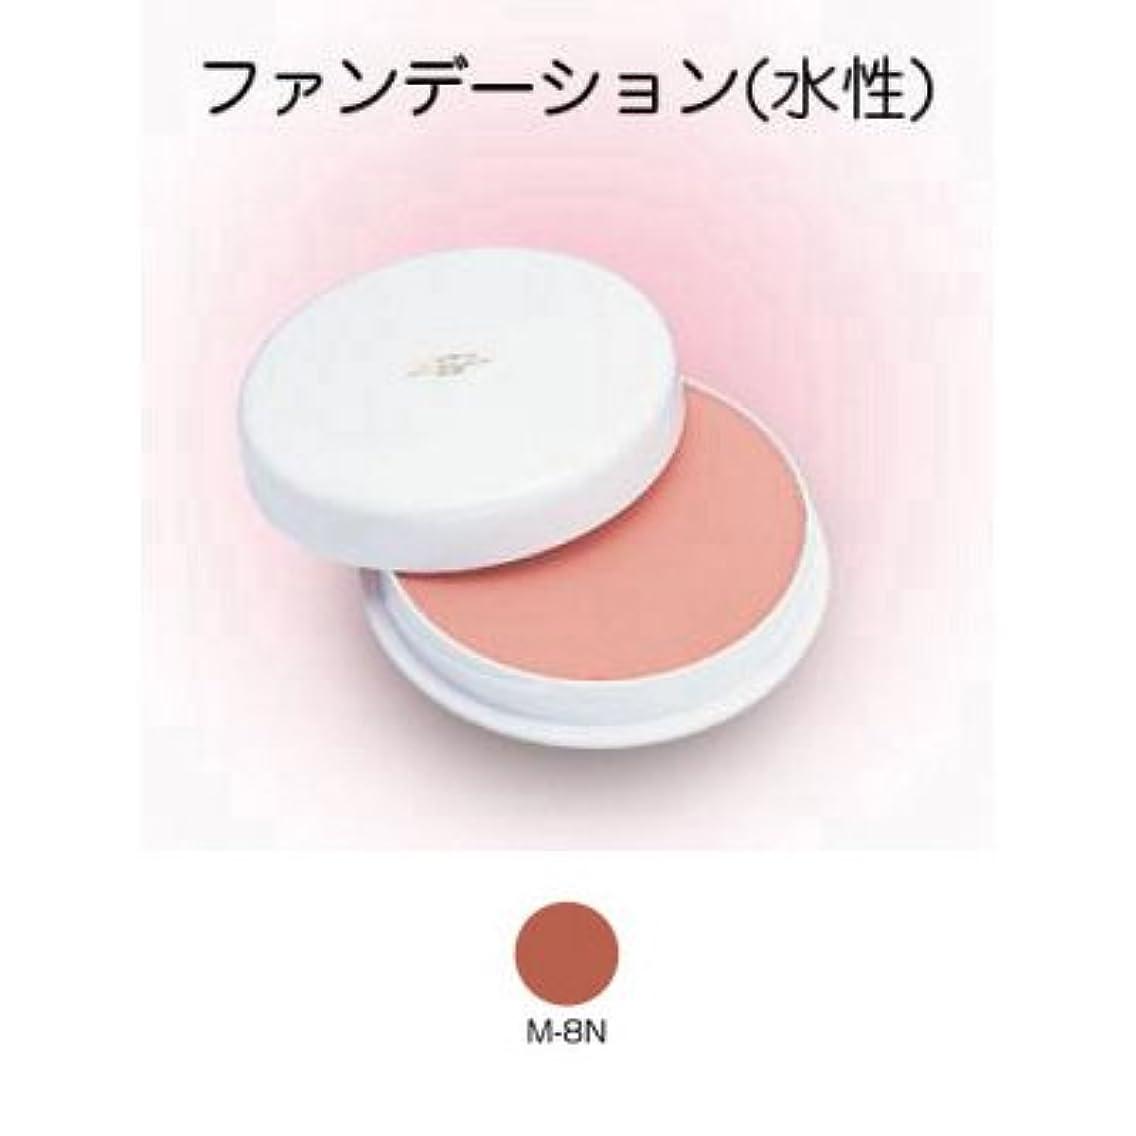 解読する新しさ集中的なフェースケーキ 60g M-8N 【三善】